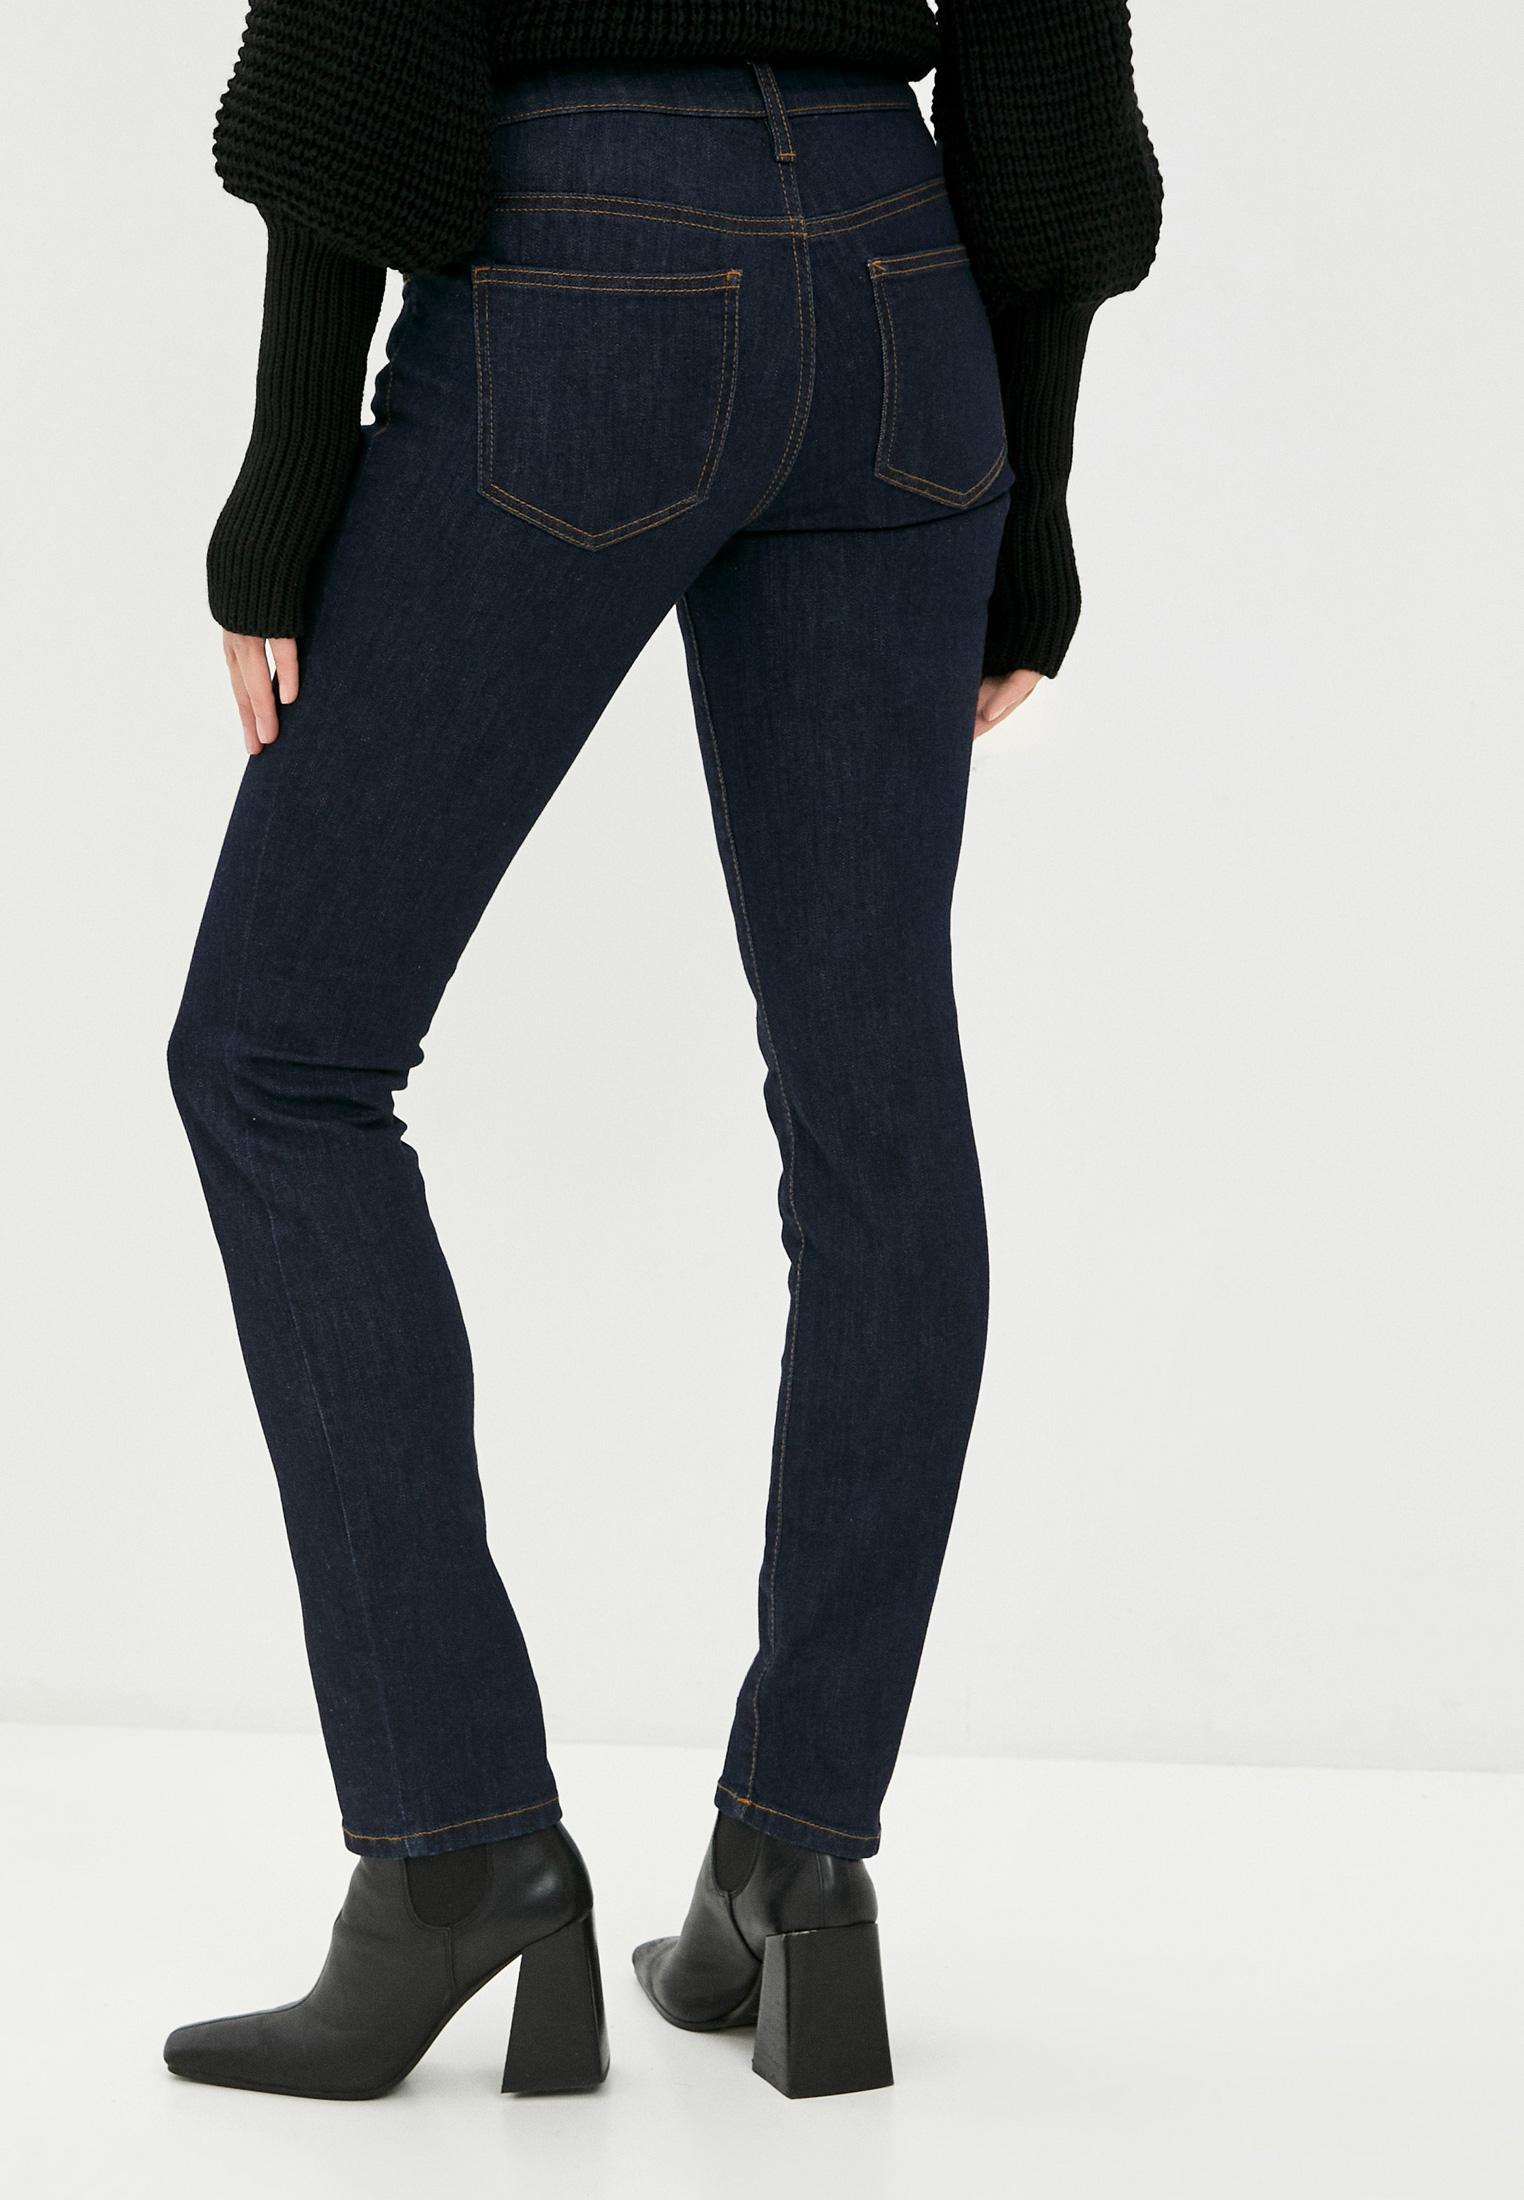 Зауженные джинсы Tom Tailor (Том Тейлор) 1024879: изображение 2